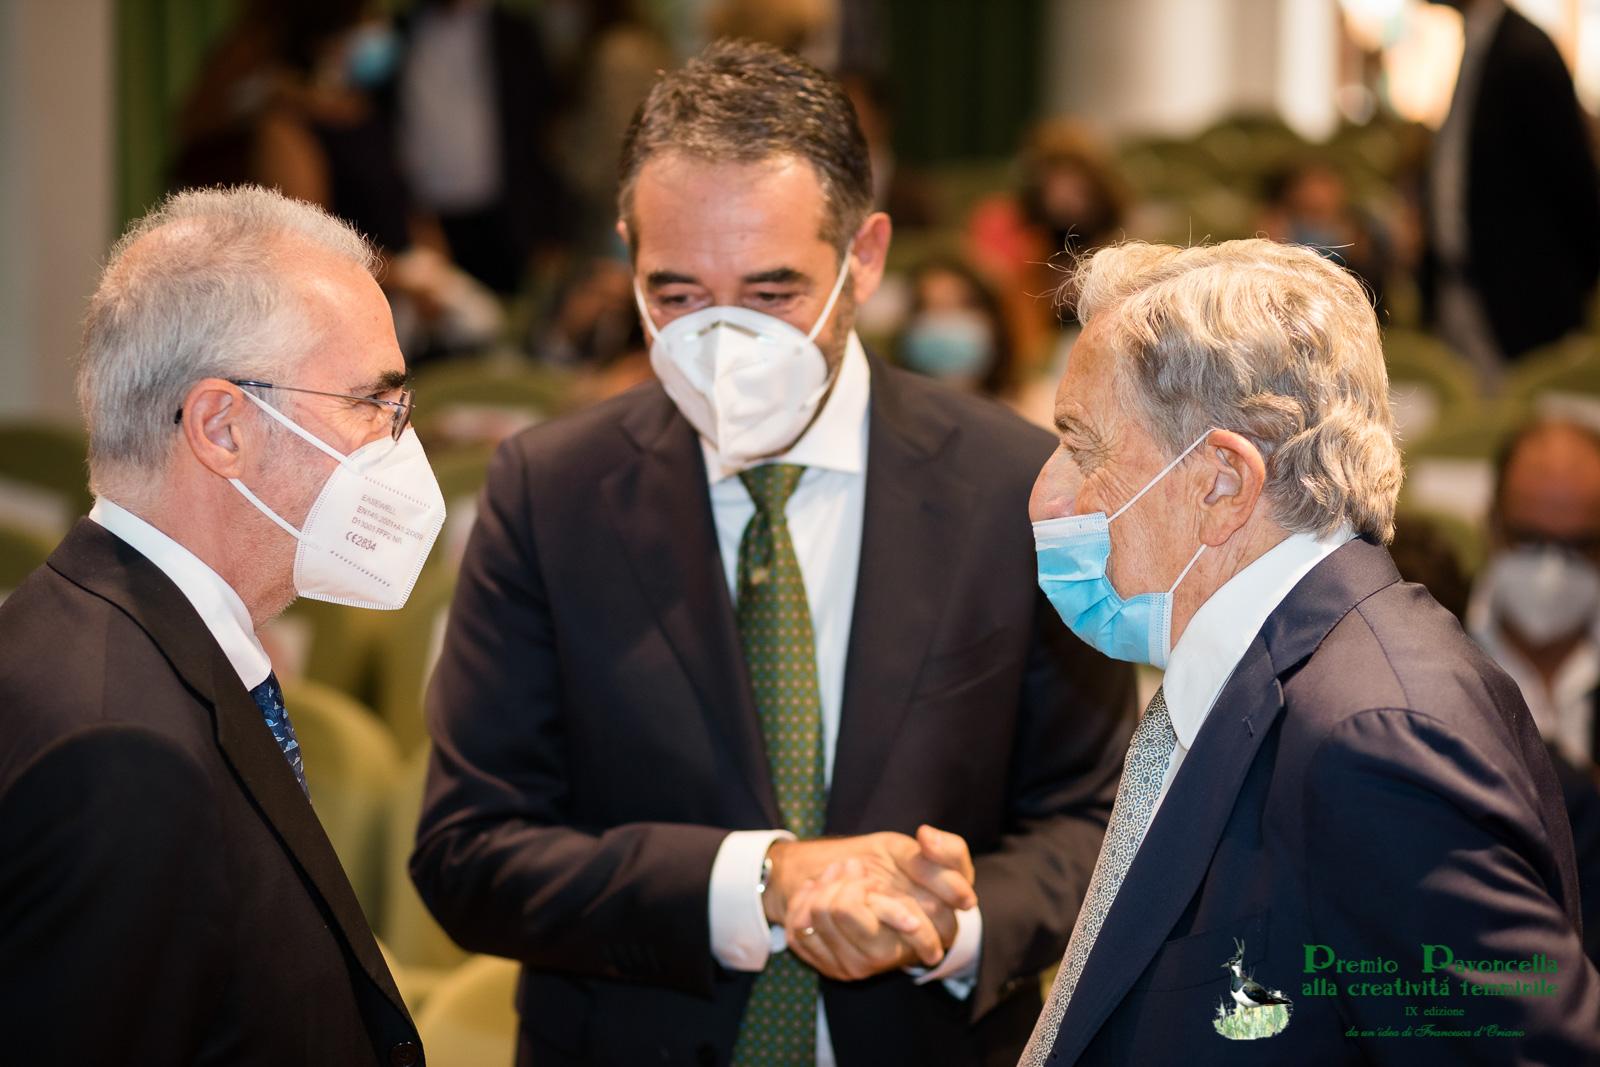 Il Presidente della Cassazione,Pietro Curzio, il prof. Michele Guarino, il Presidente del Campus Bio Medico, Paolo Arullani